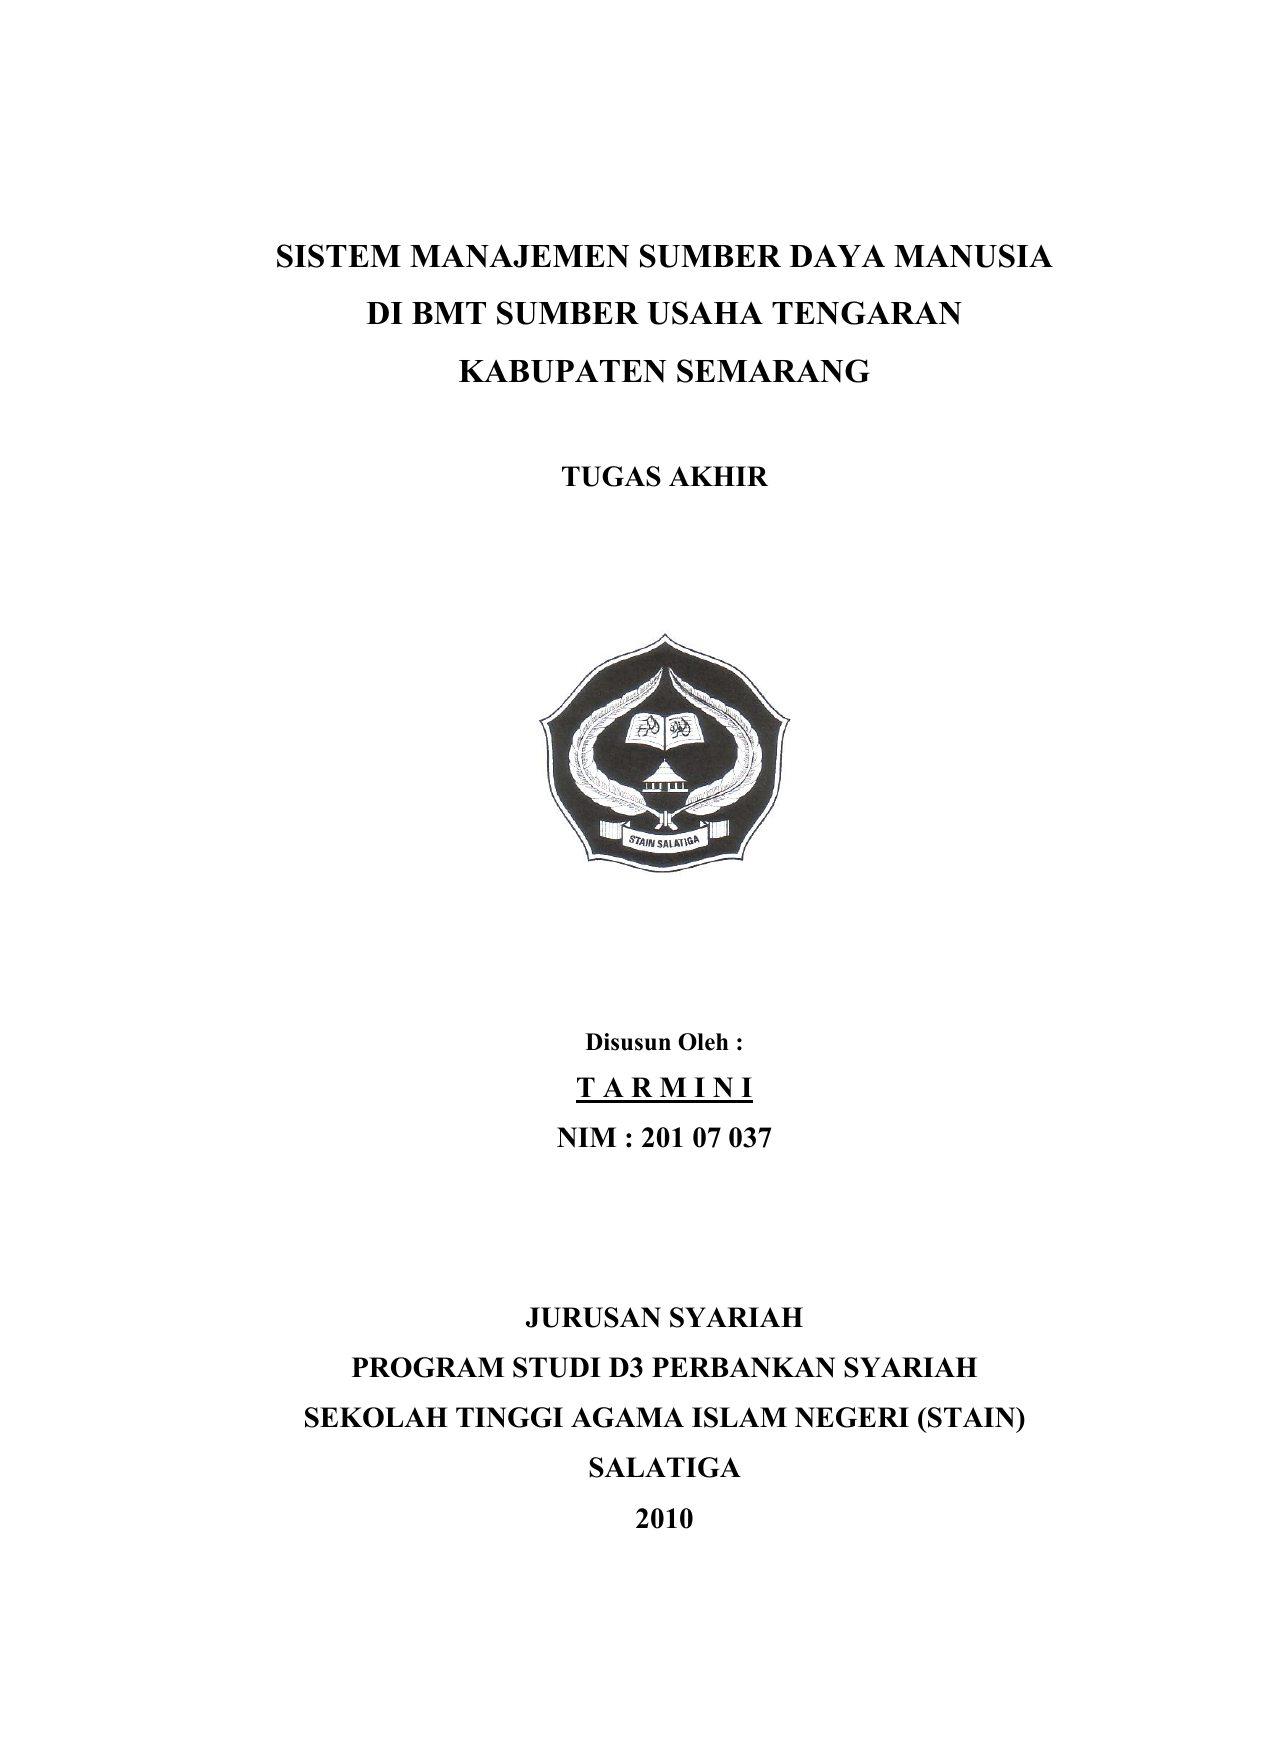 Contoh Laporan Kkn Individu Jurusan Perbankan Syariah